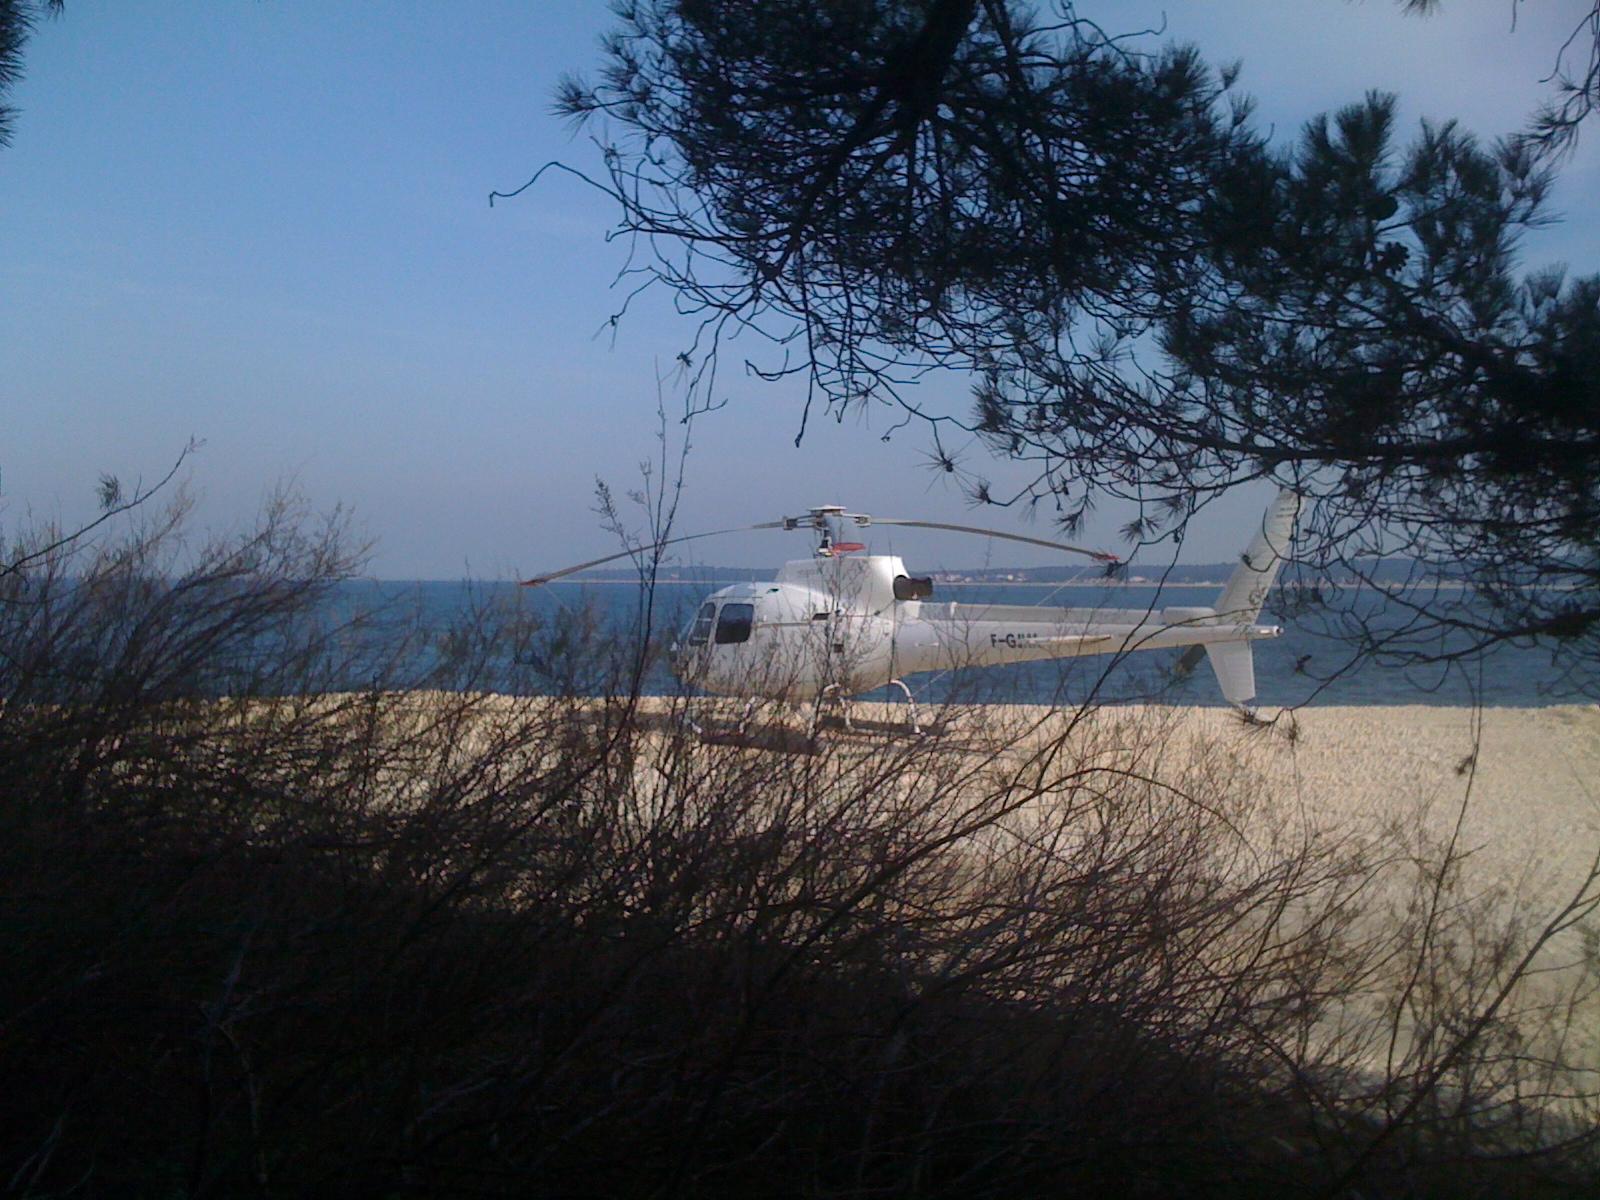 Hélicoptère Airbus Écureuil AS 350 au Cap Ferret